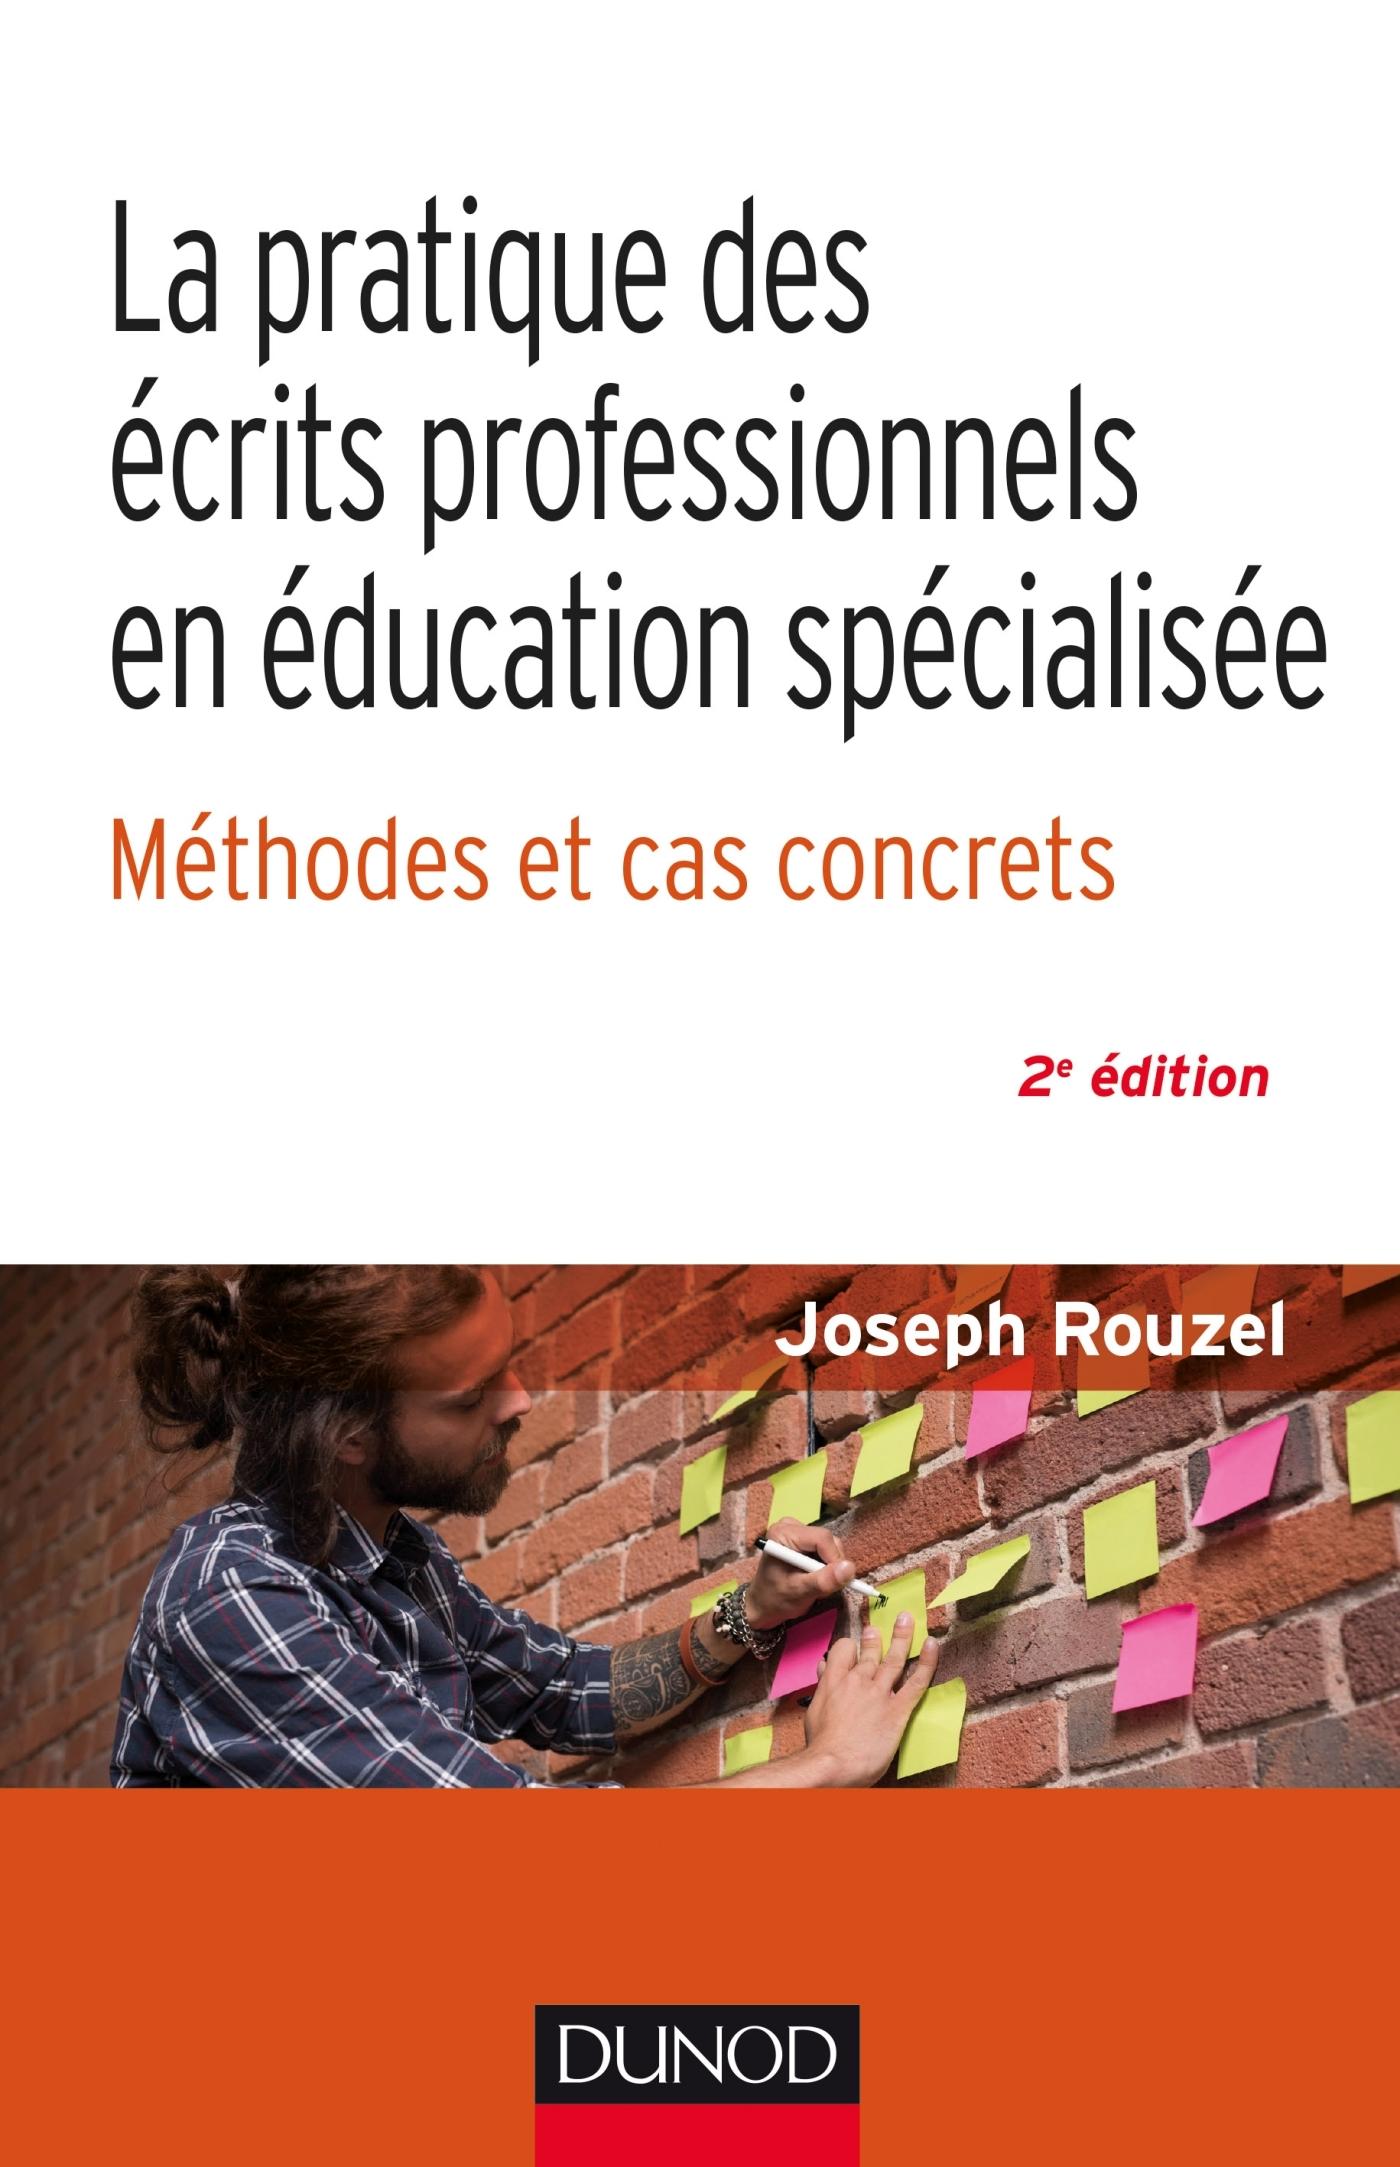 LA PRATIQUE DES ECRITS PROFESSIONNELS EN EDUCATION SPECIALISEE - 2E ED. - METHODES ET CAS CONCRETS